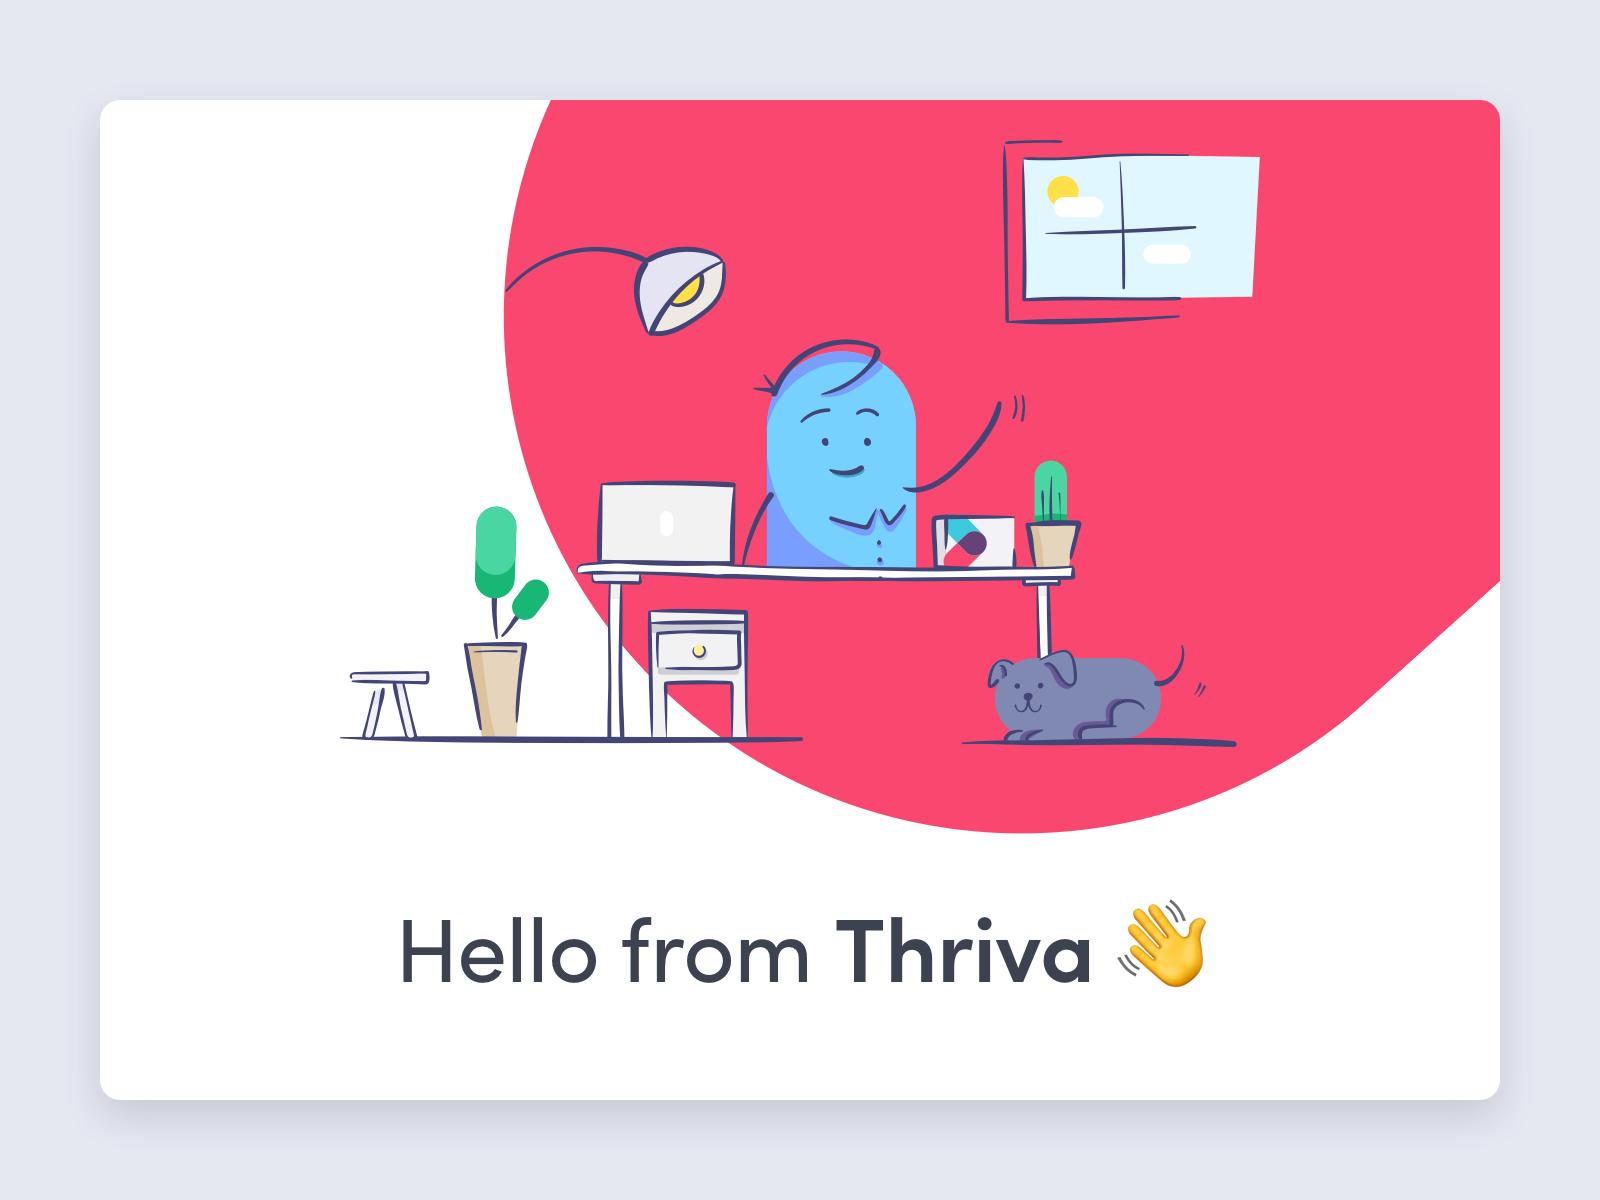 Hello from Thriva!